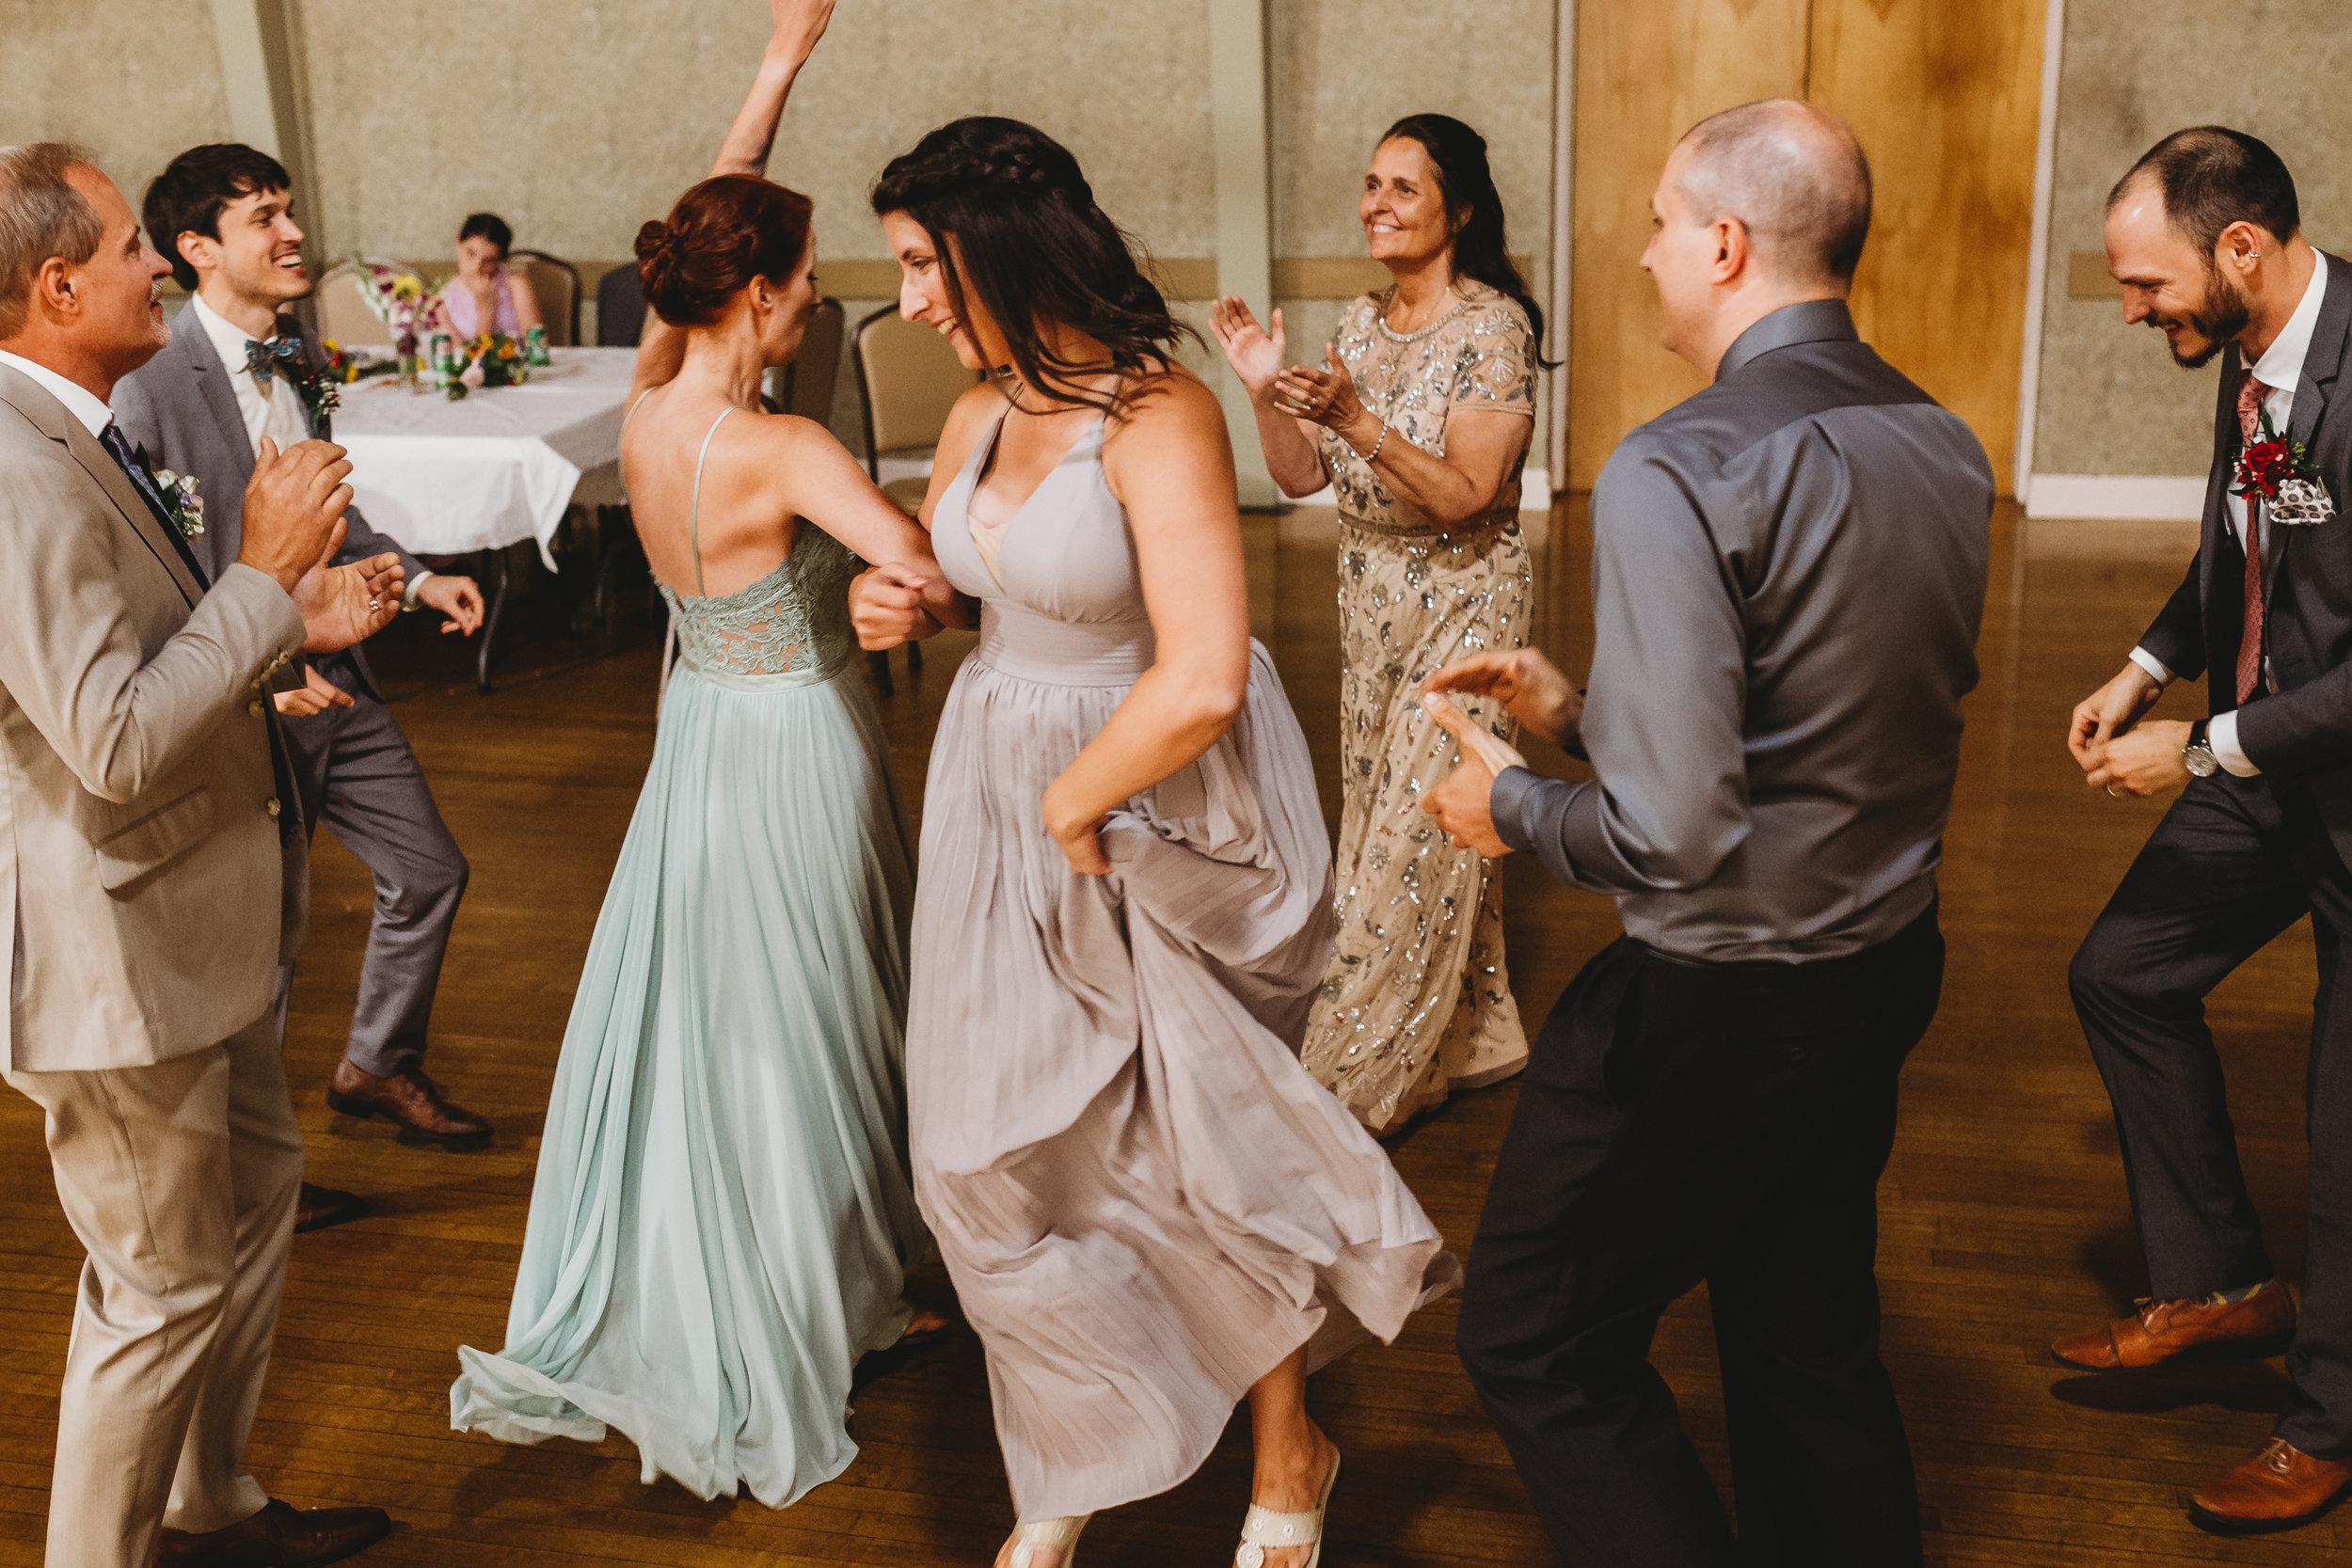 Gumlaw_Wedding_Reception-113.jpg